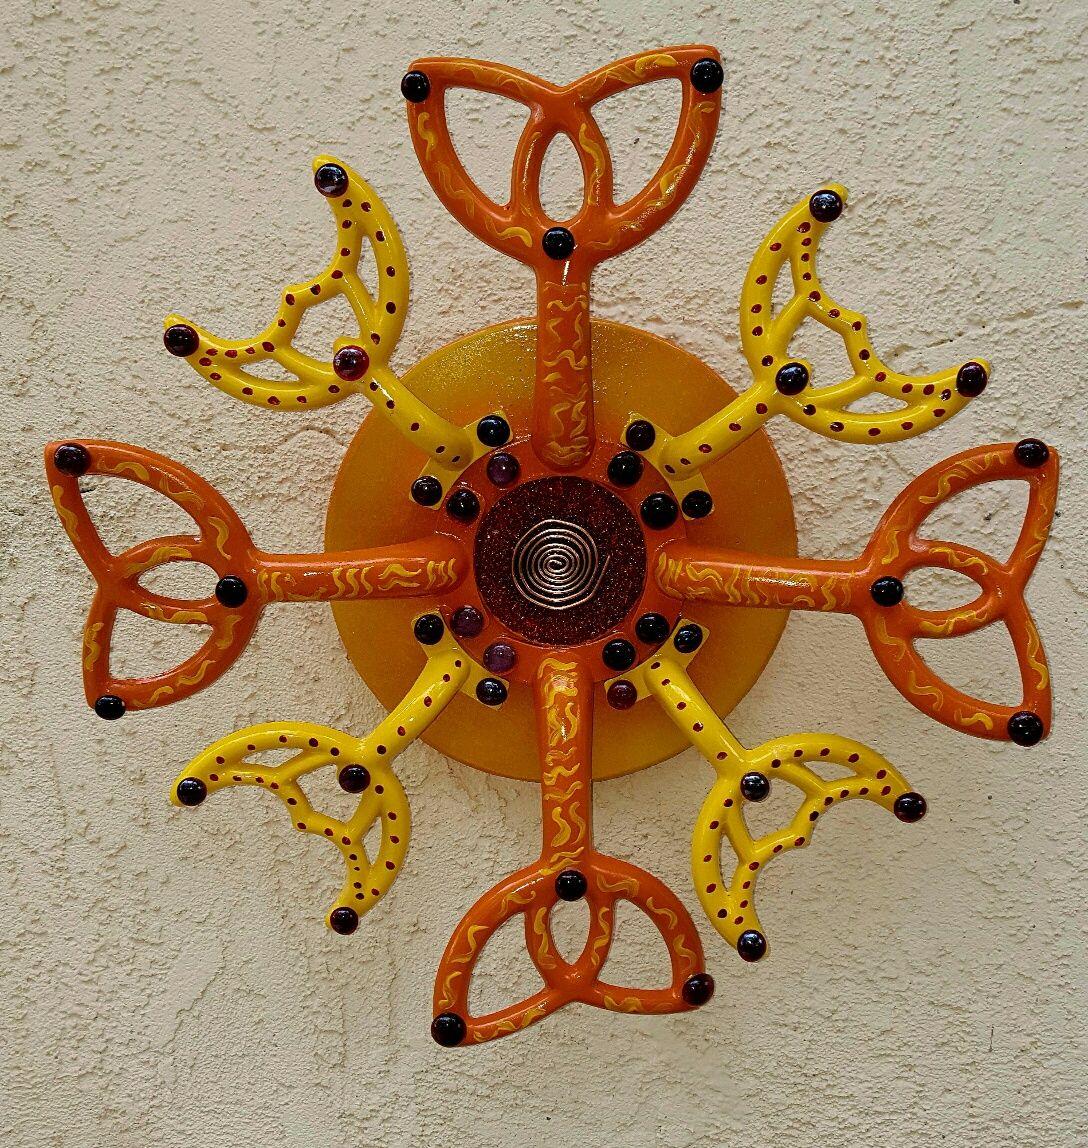 Pin On My Ceiling Fan Dragonfly Art